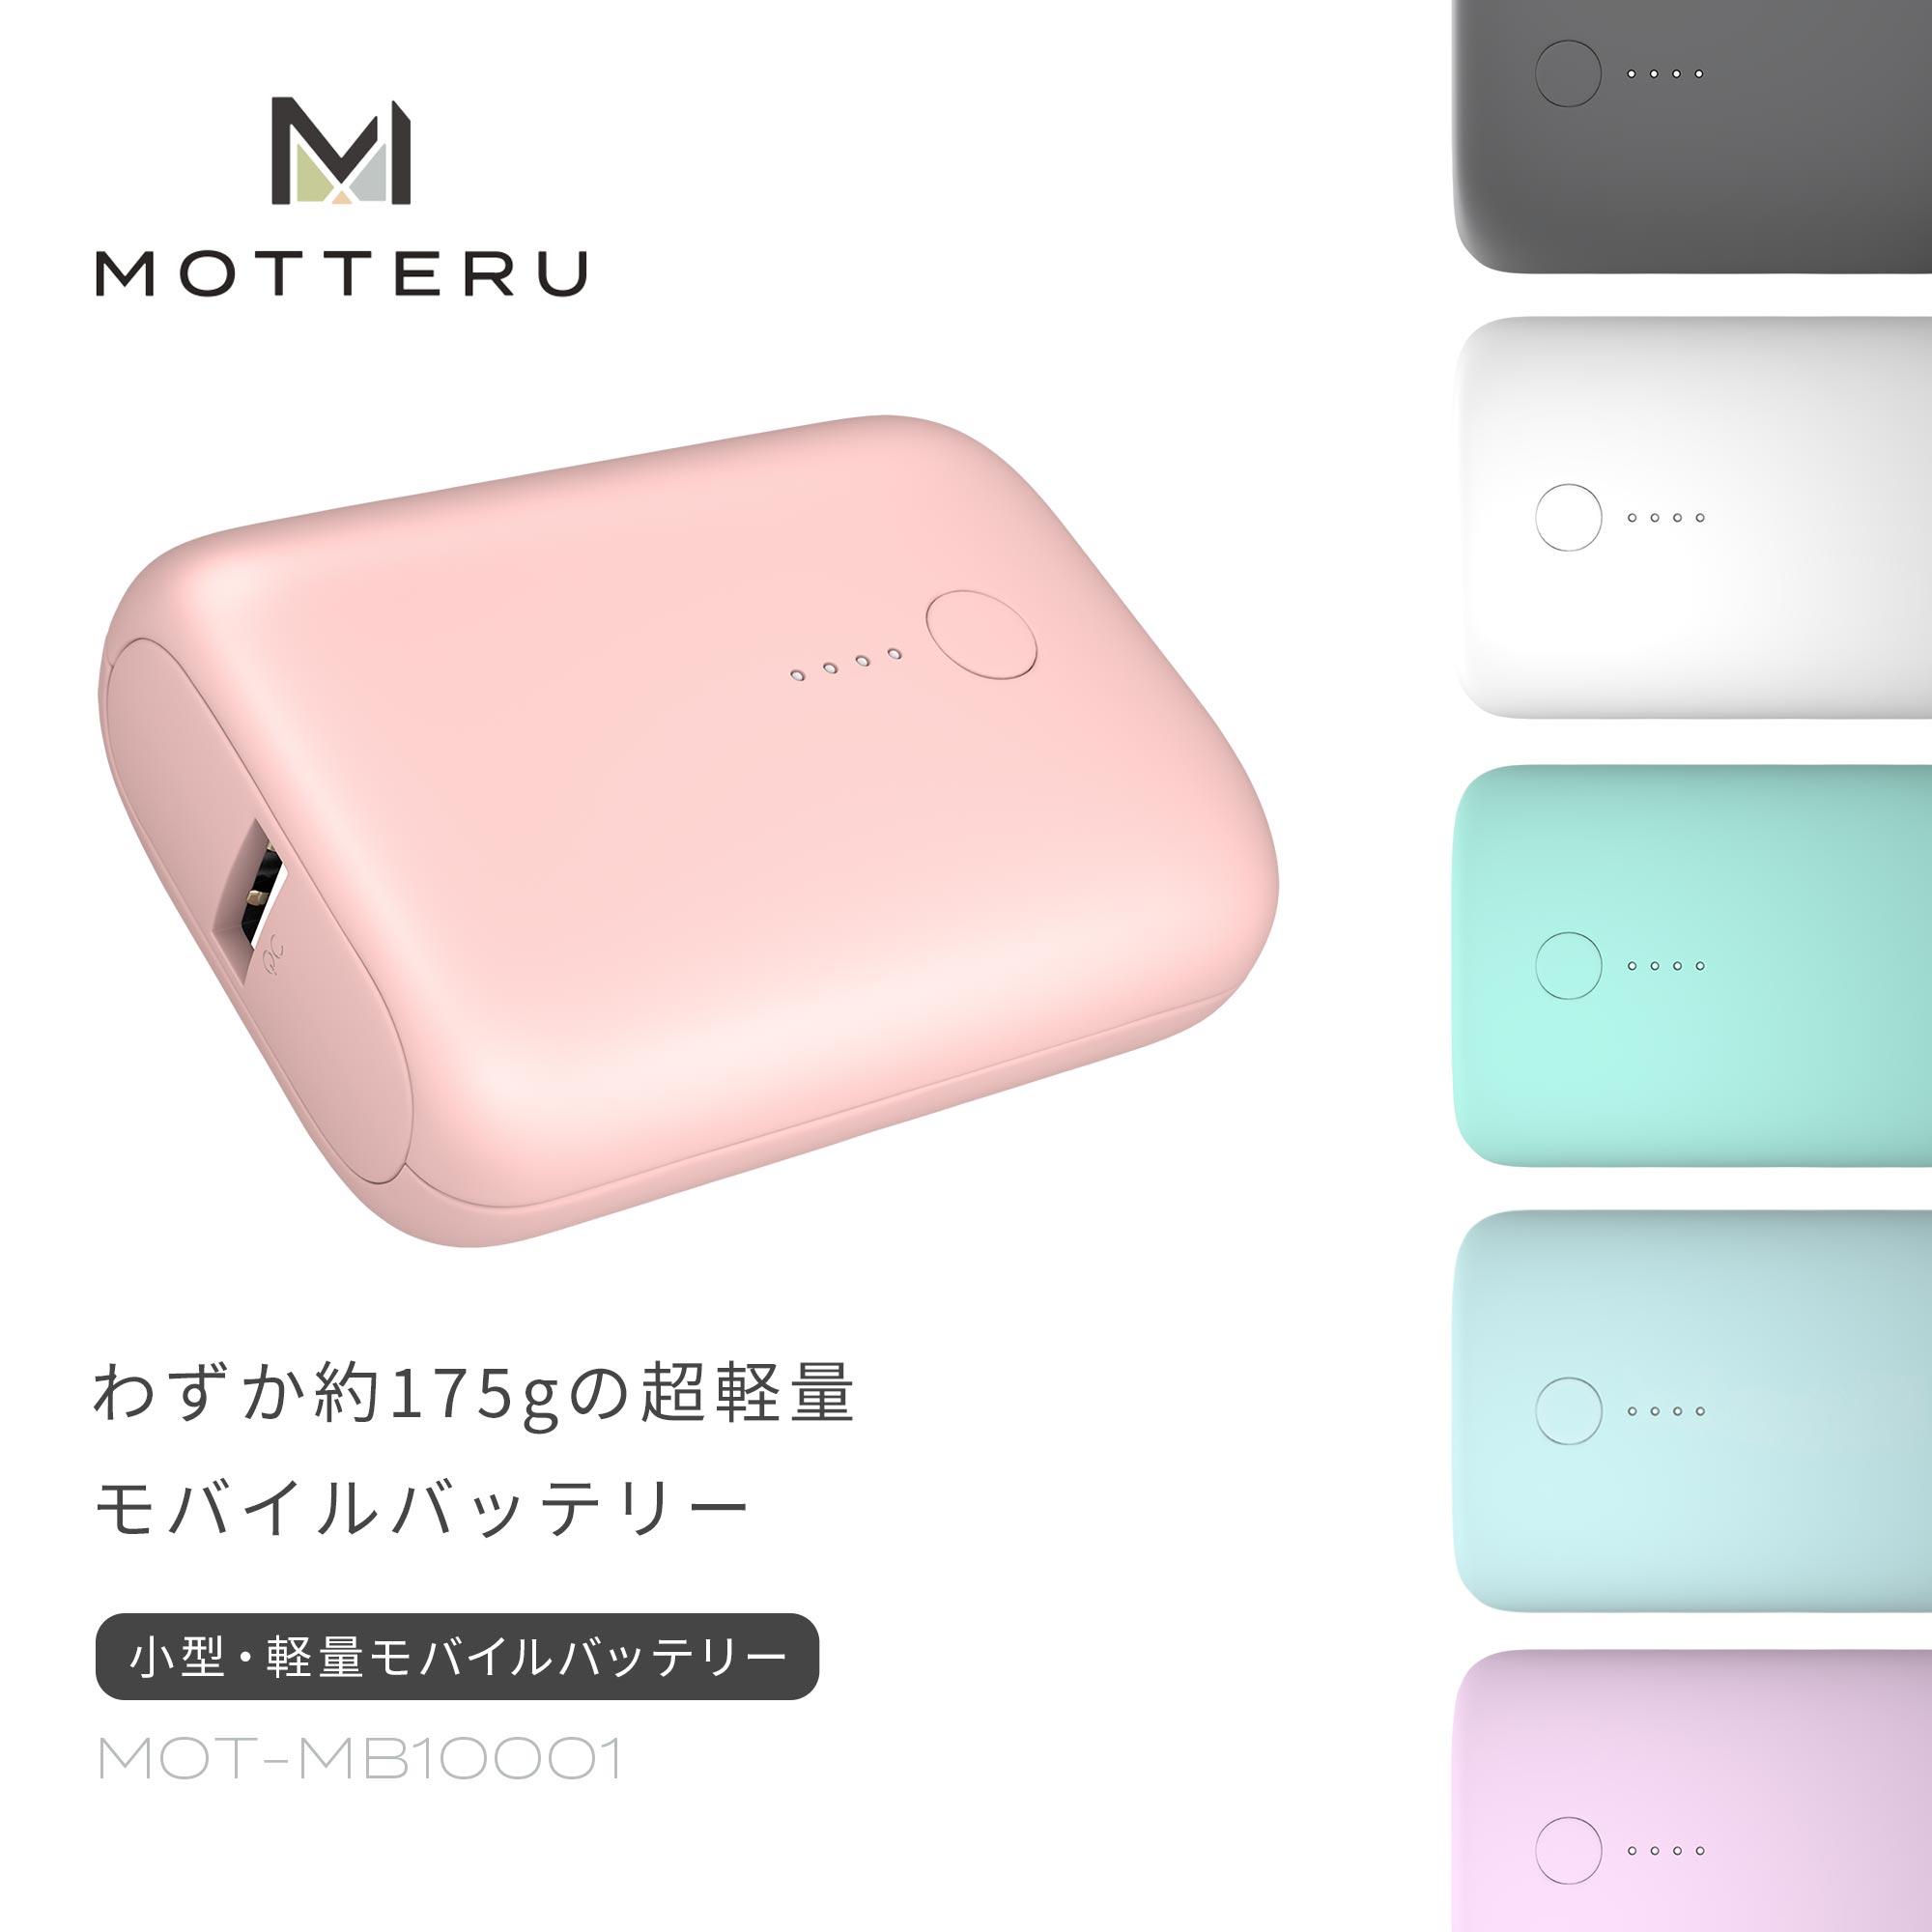 最小最軽量クラス 10,000mAhモバイルバッテリー「ULTRA LIGHT COMPACT」(全6色)を販売開始